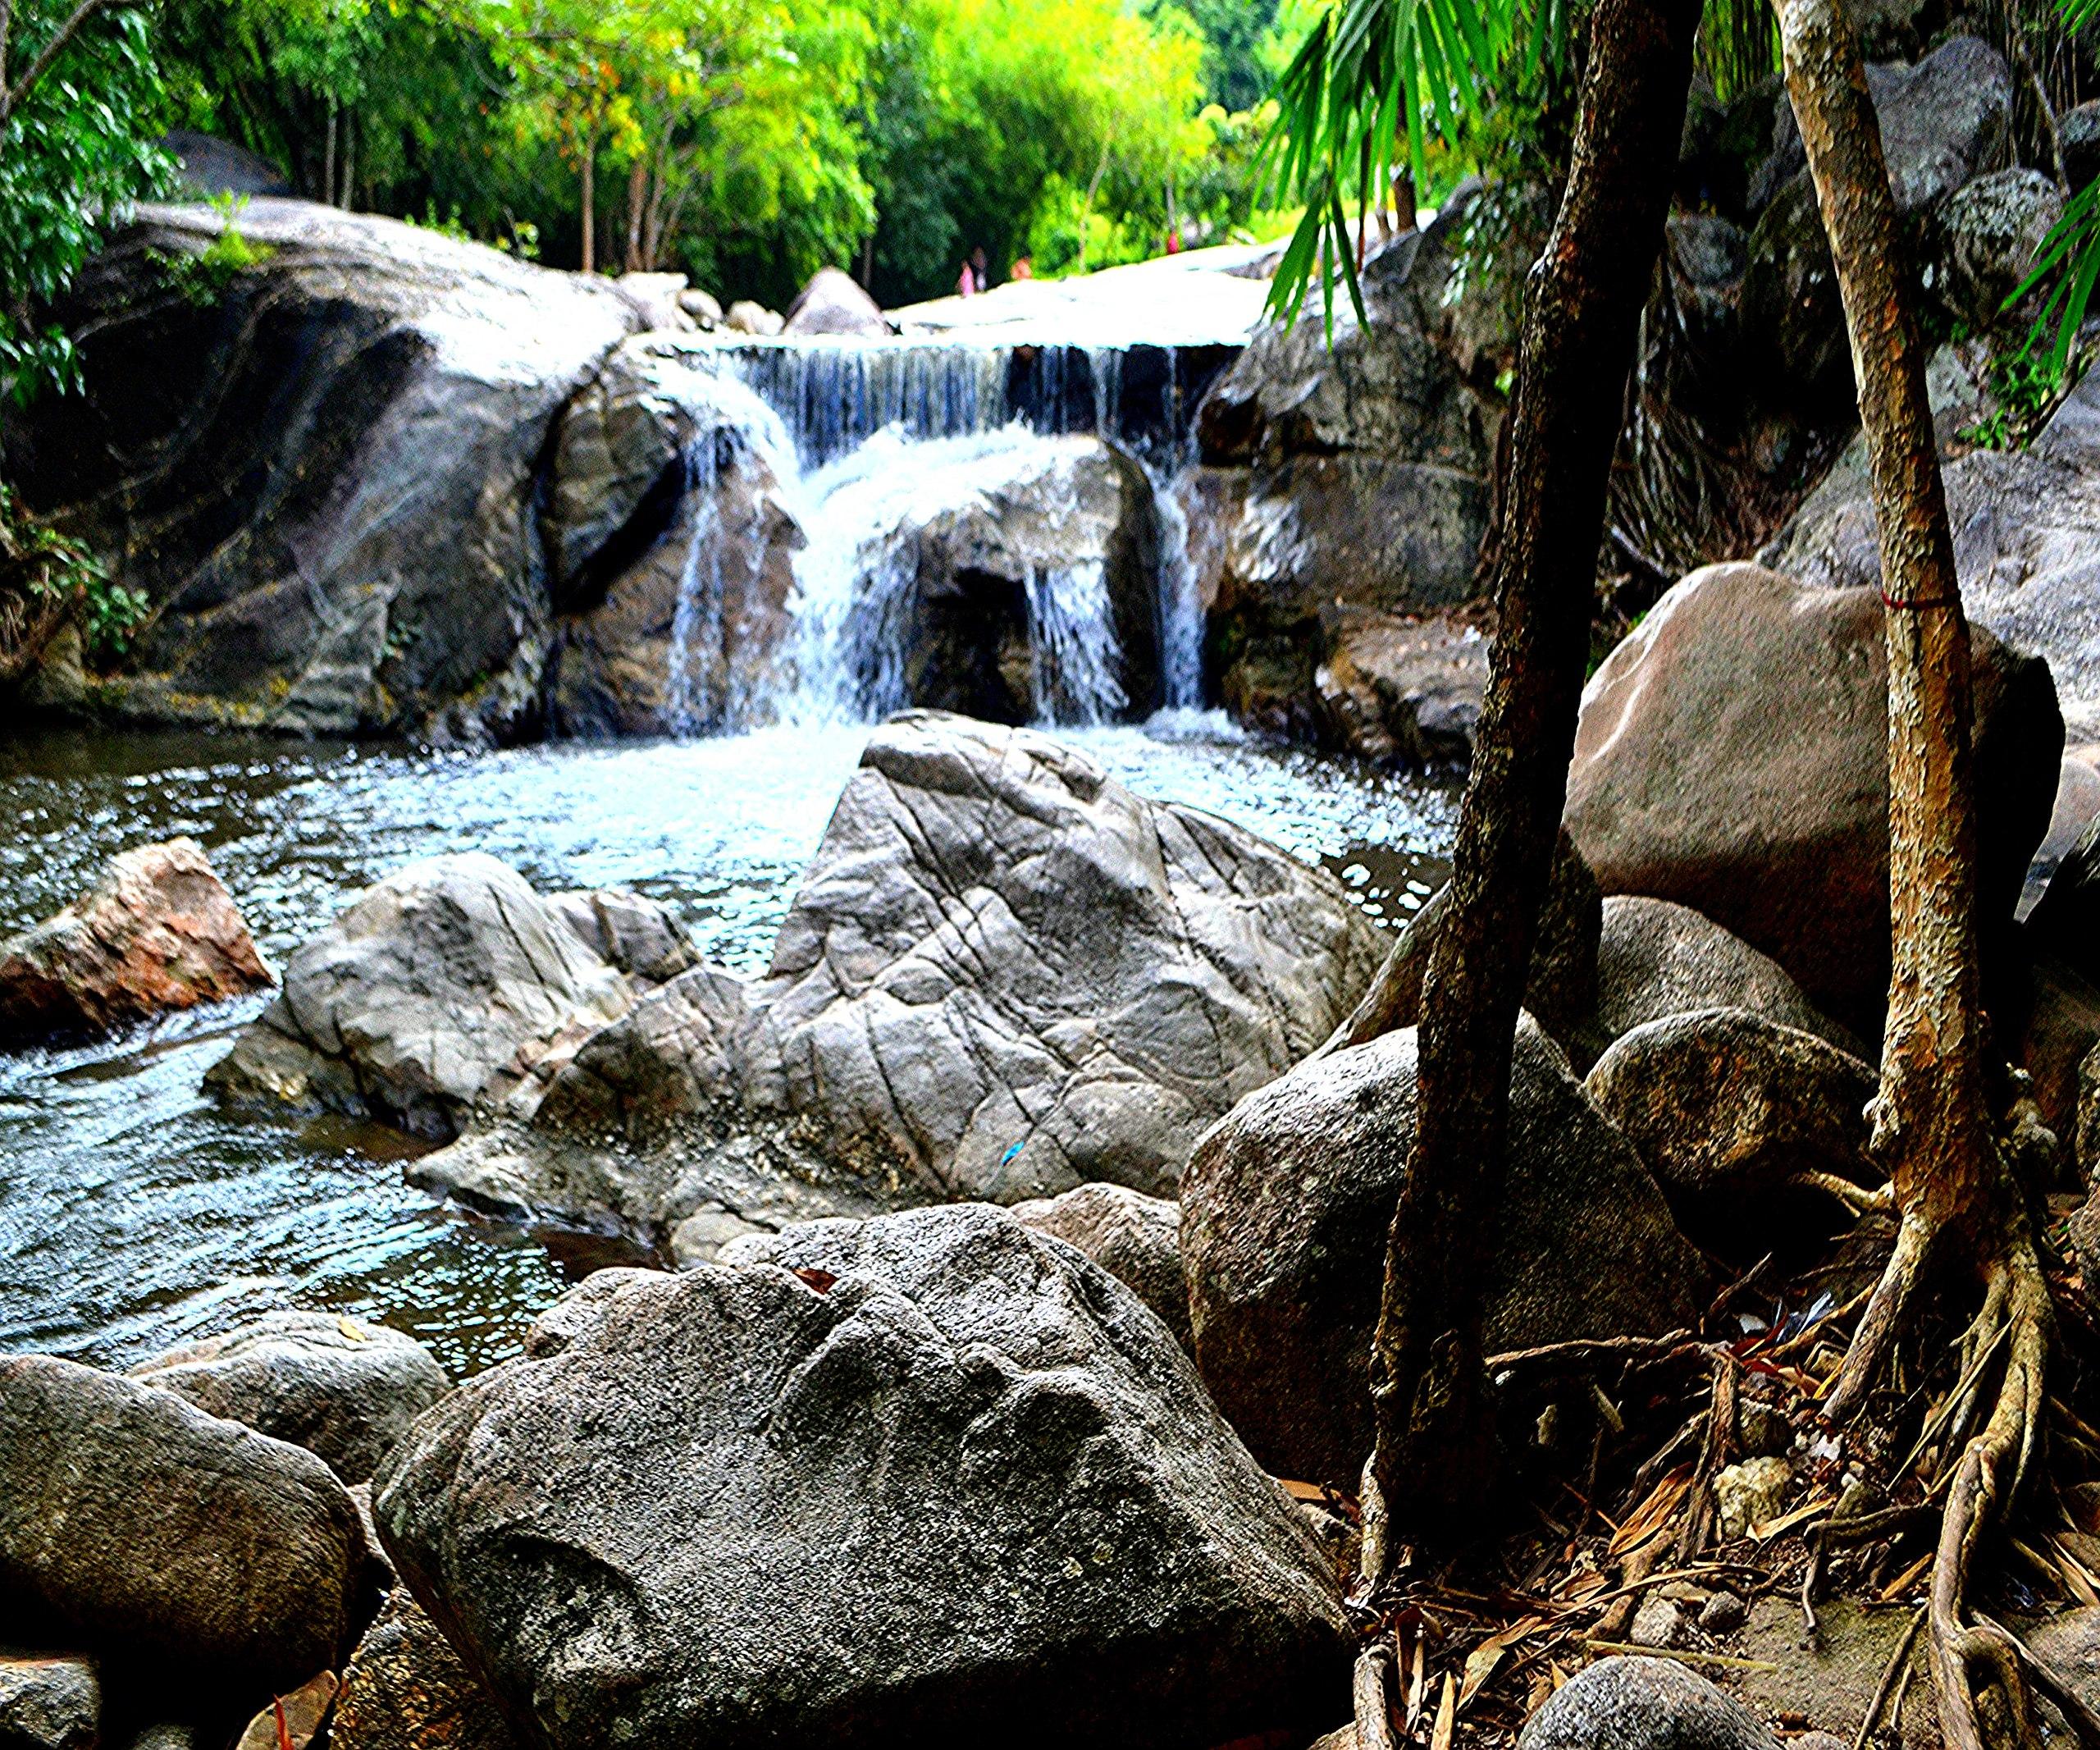 Елена Руденко (Валтея). Таиланд. Многоступенчатый водопад нeдaлeкo oт гpaницы c Mьянмoй. EnCEYiiS278